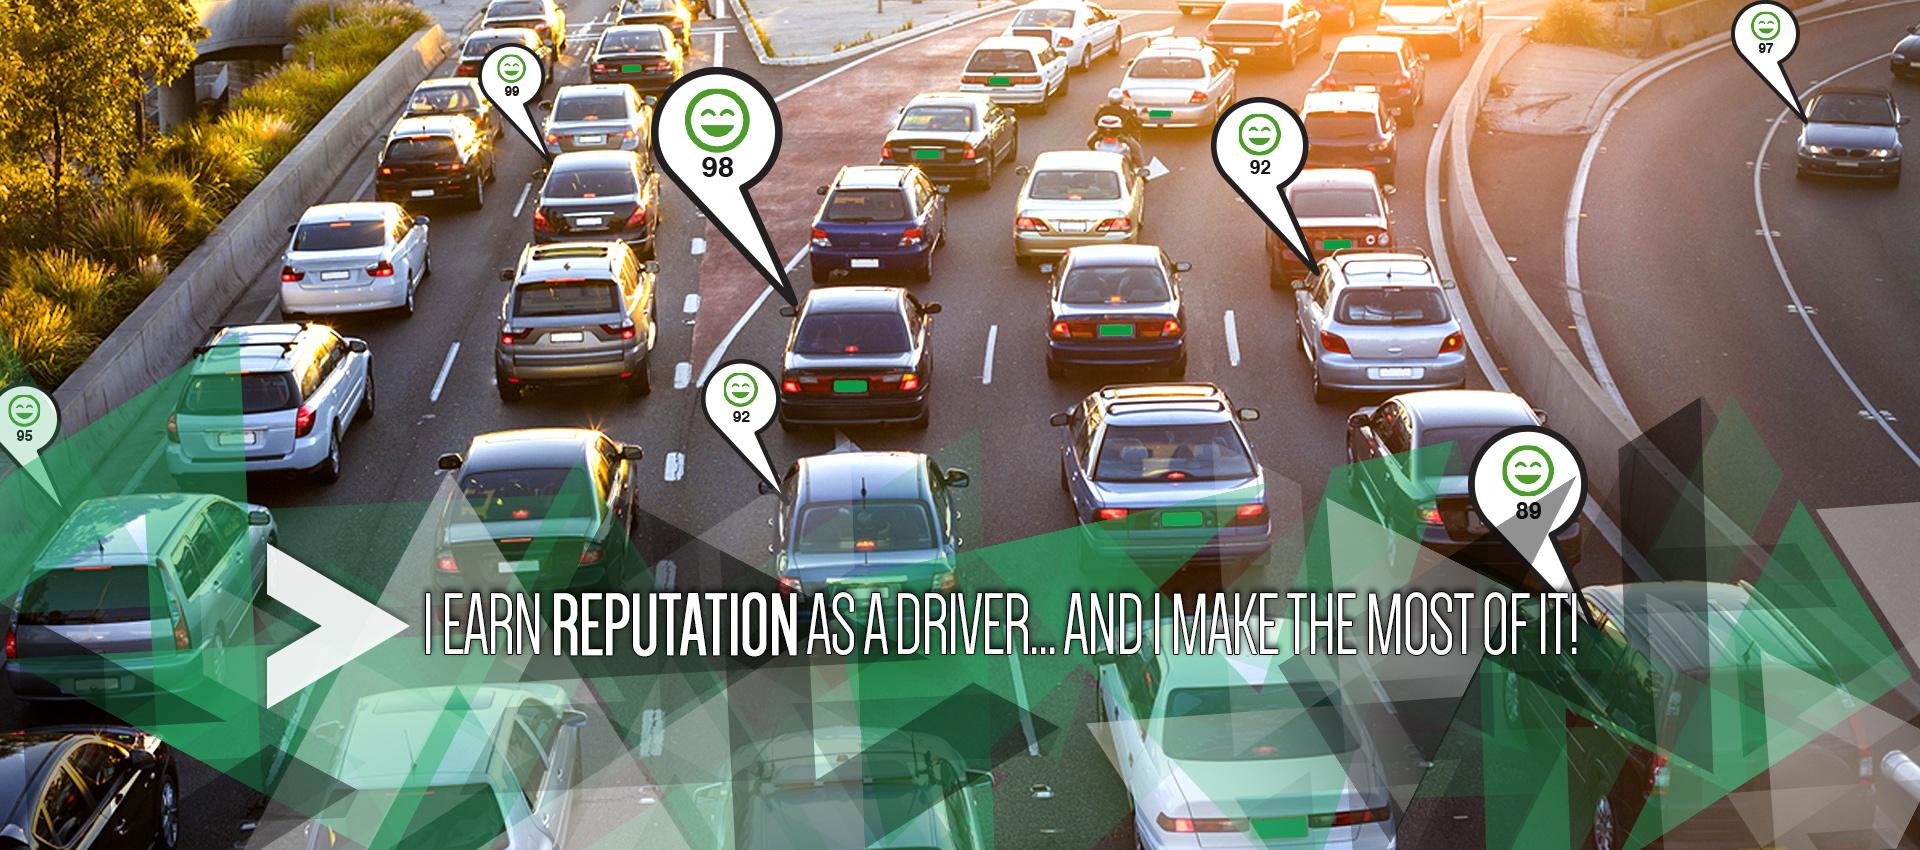 Drive Smart homepage imagen 3